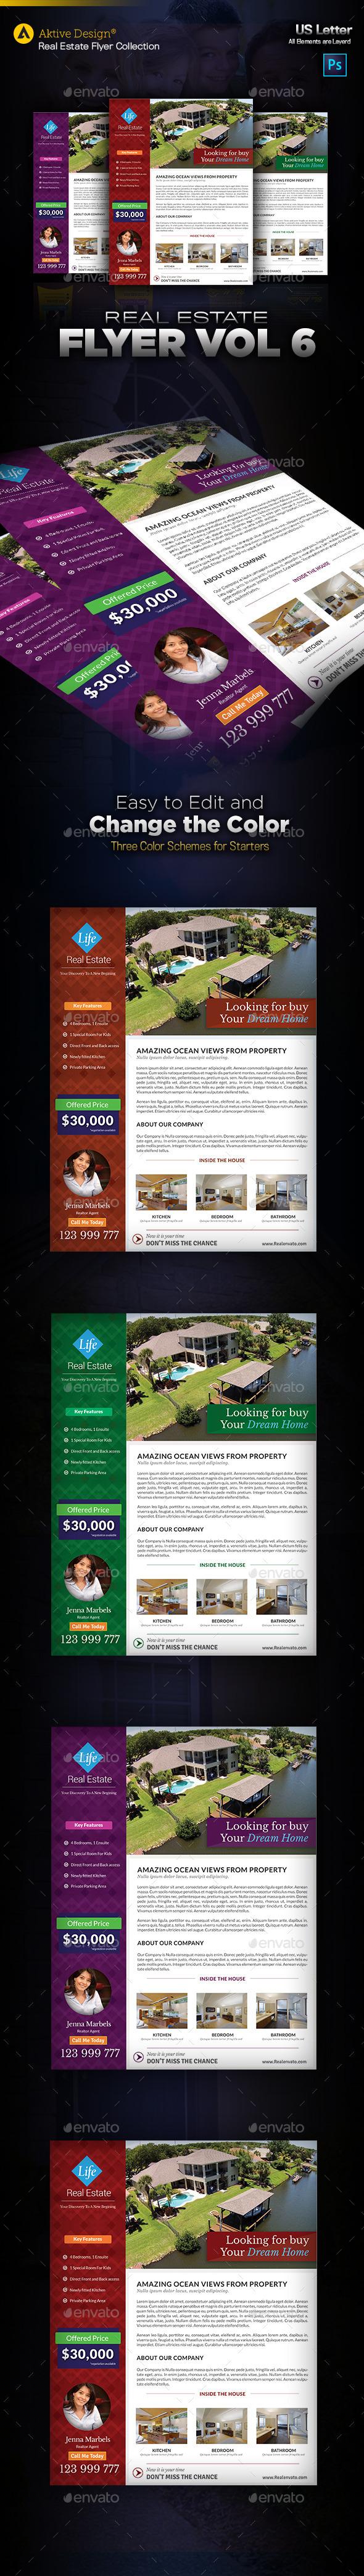 Real Estate Flyer | Vol 06